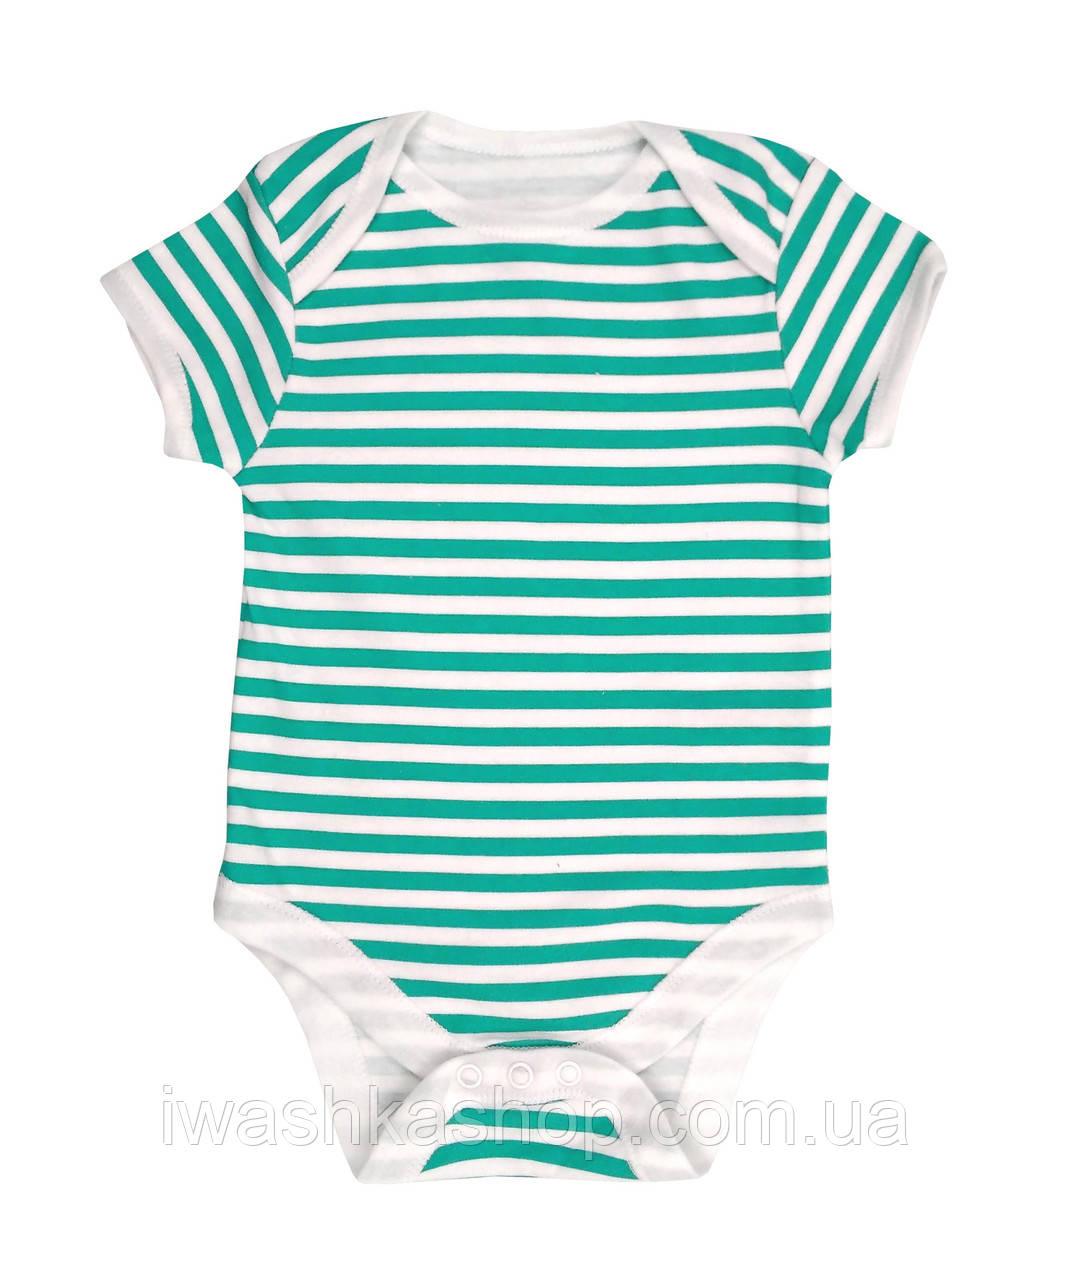 Біле боді з коротким рукавом в смужку для новонароджених малюків до 4,5 кг. р. 56, Early days by Primark